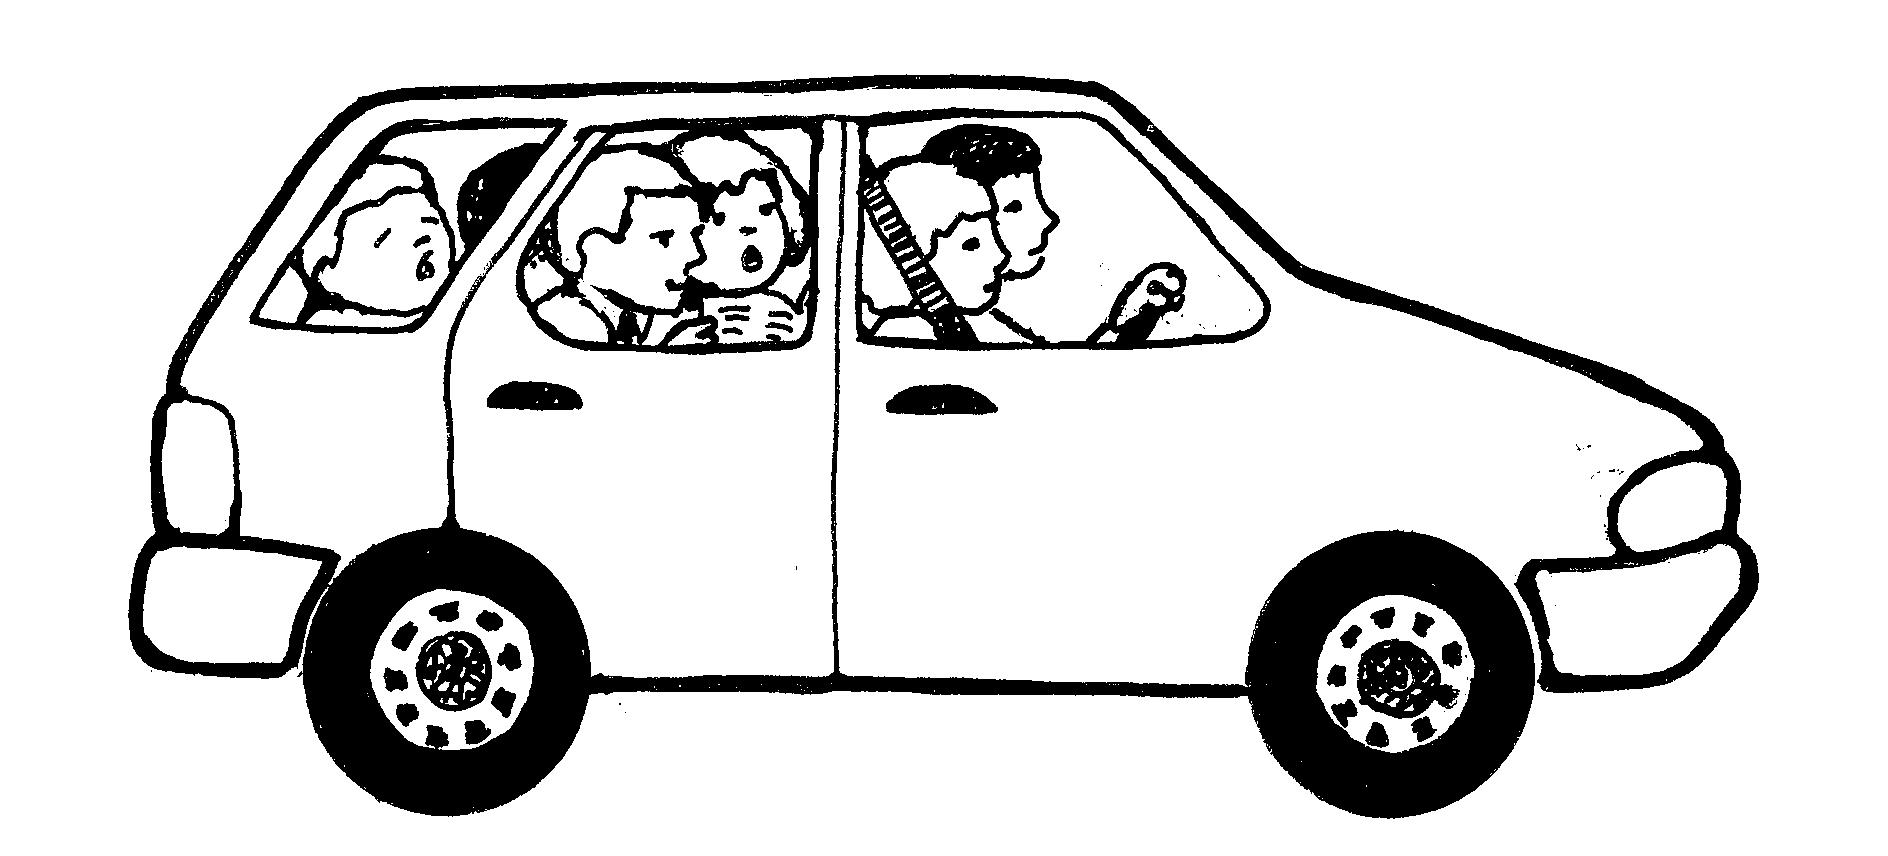 Car Image Clip Art Clipart Best